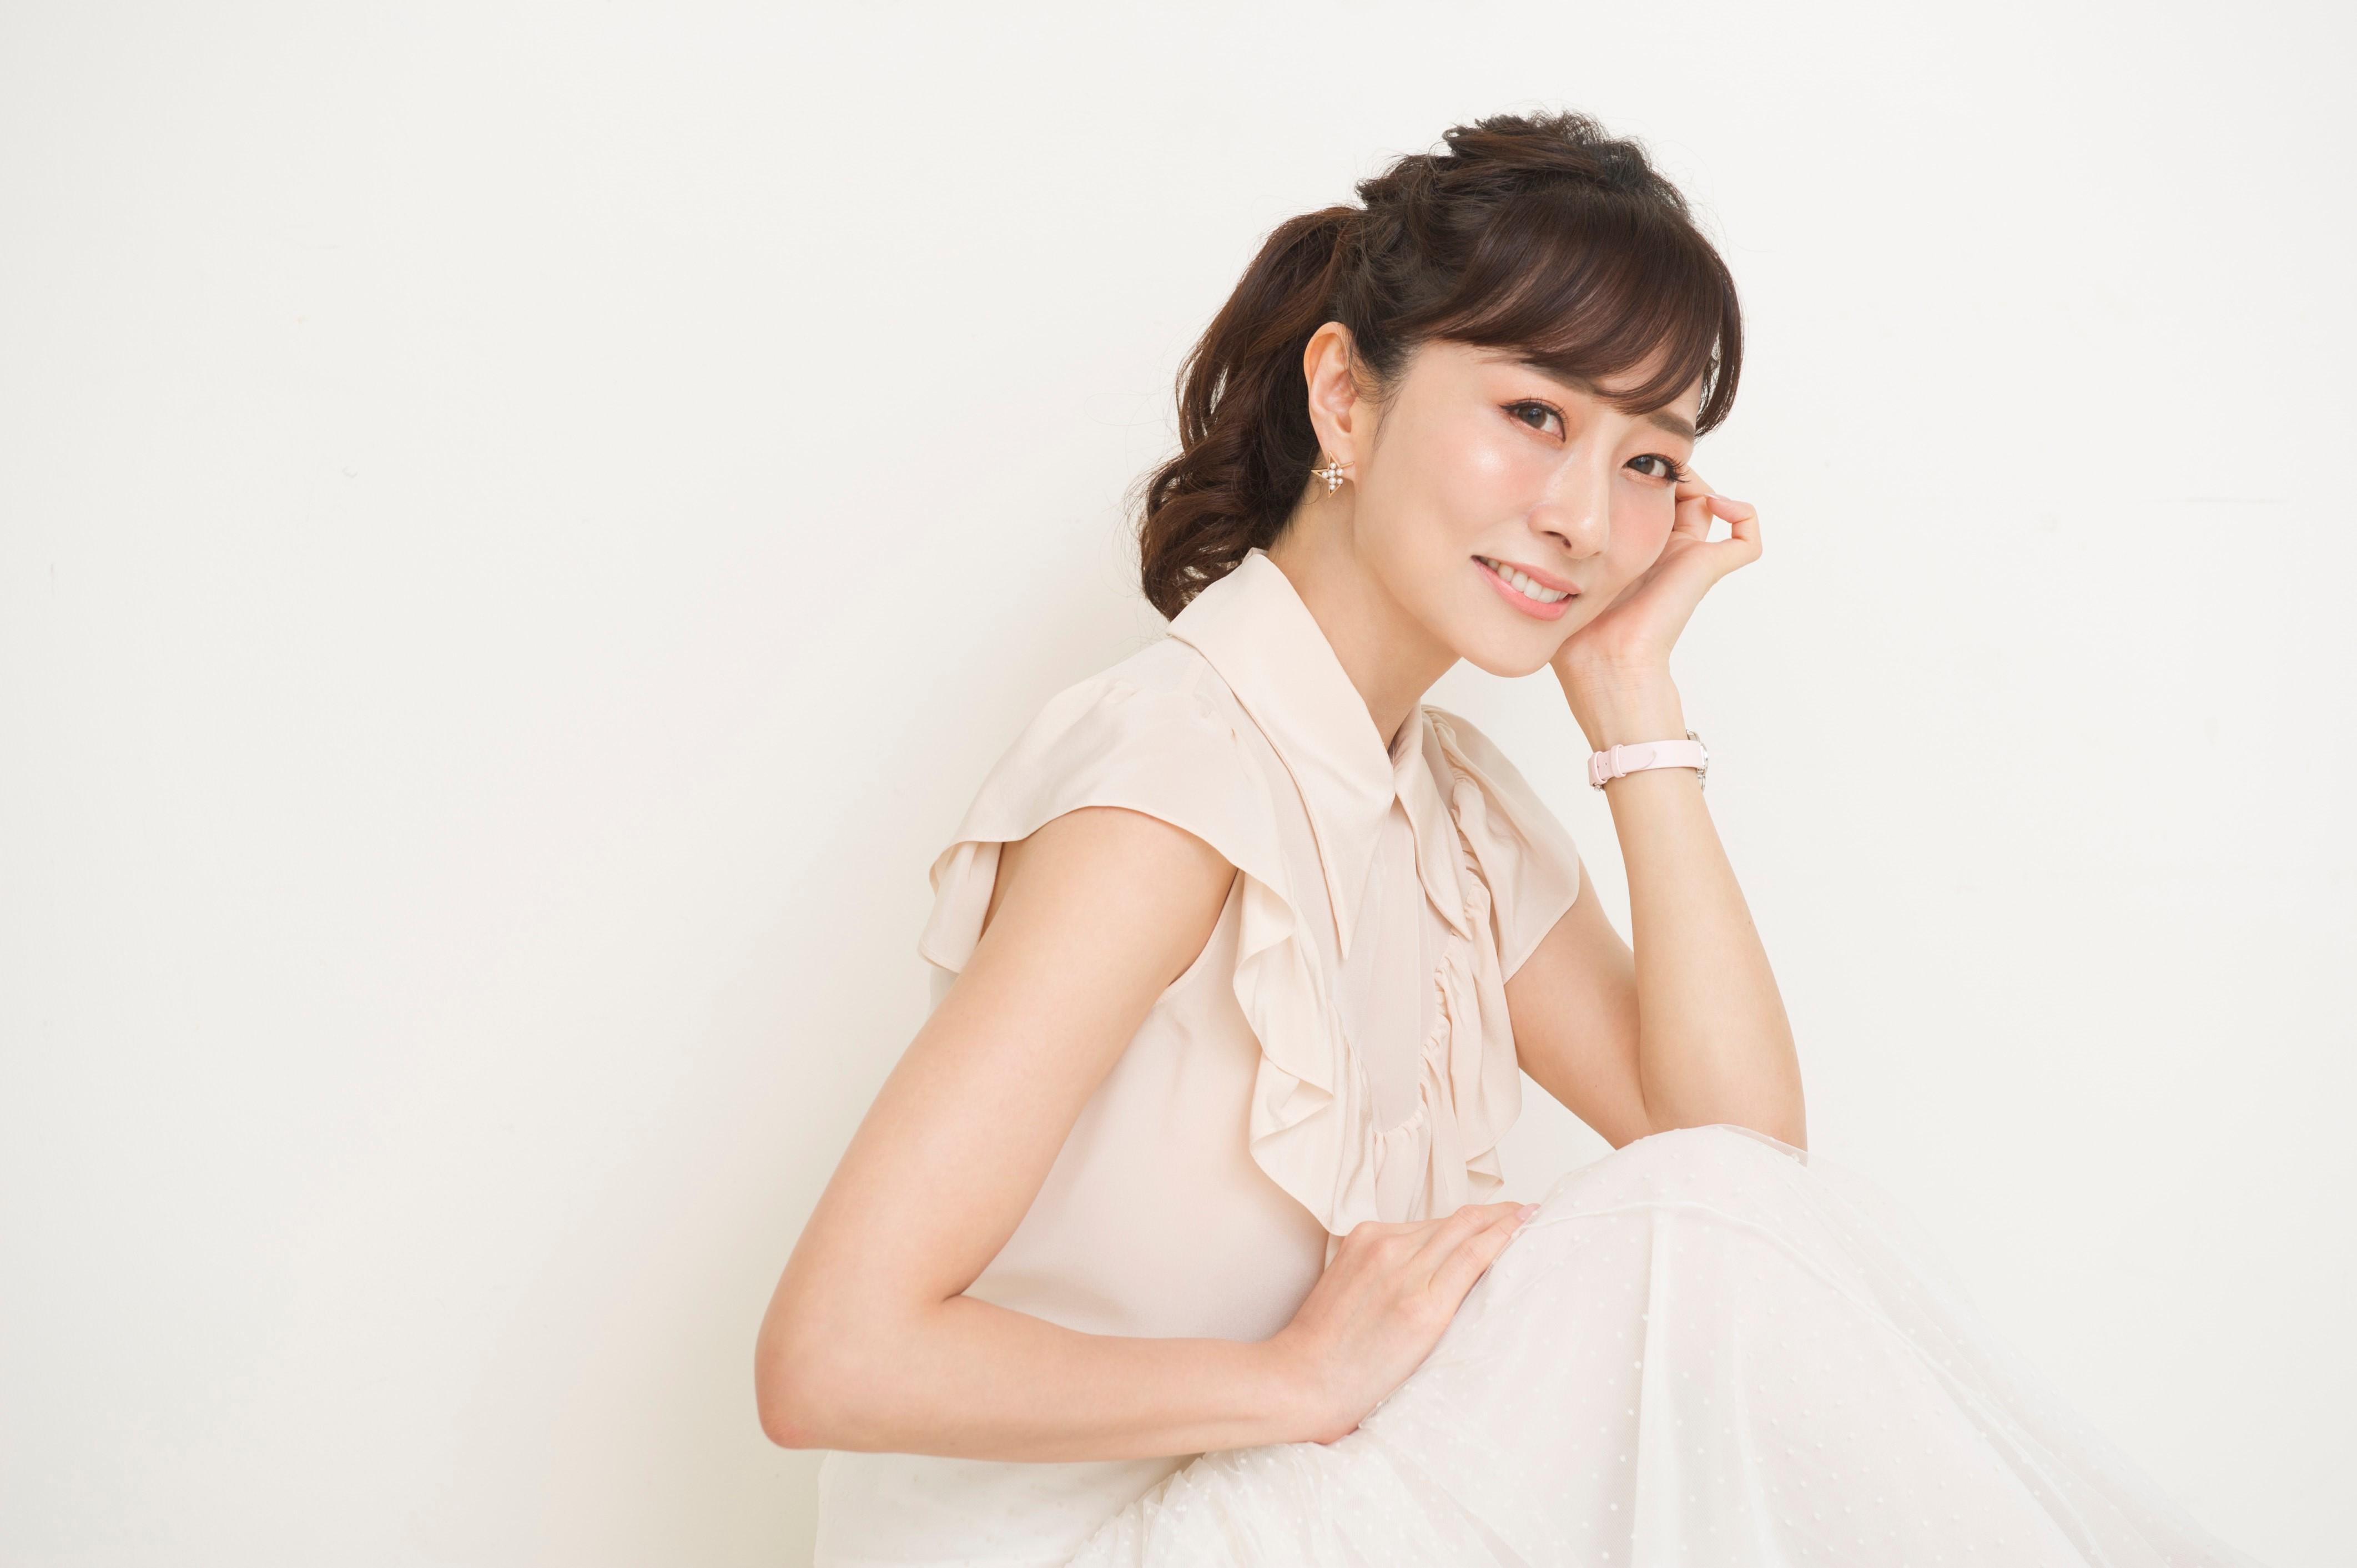 石井美保さんに聞く、つやプラ世代が今選ぶべきベストコスメ